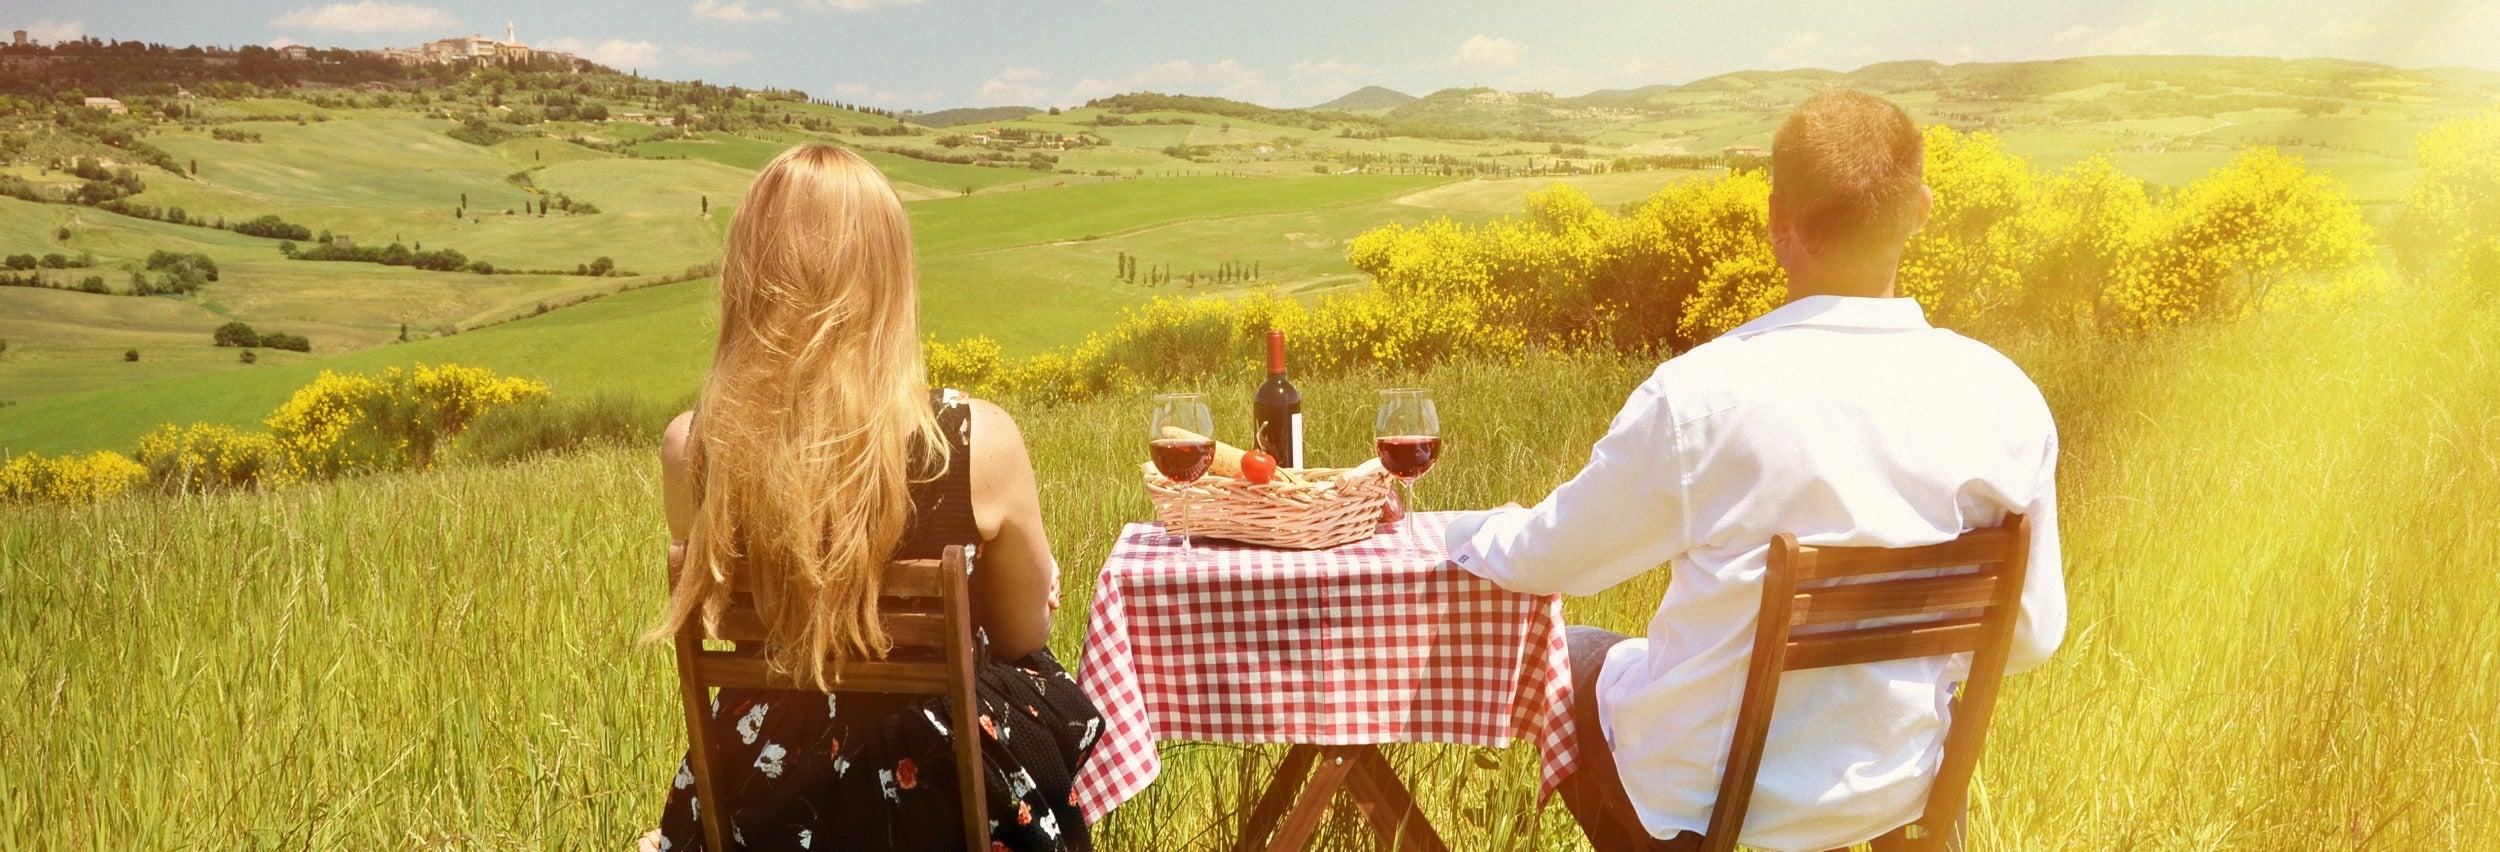 Route des vins dans la région du Chianti